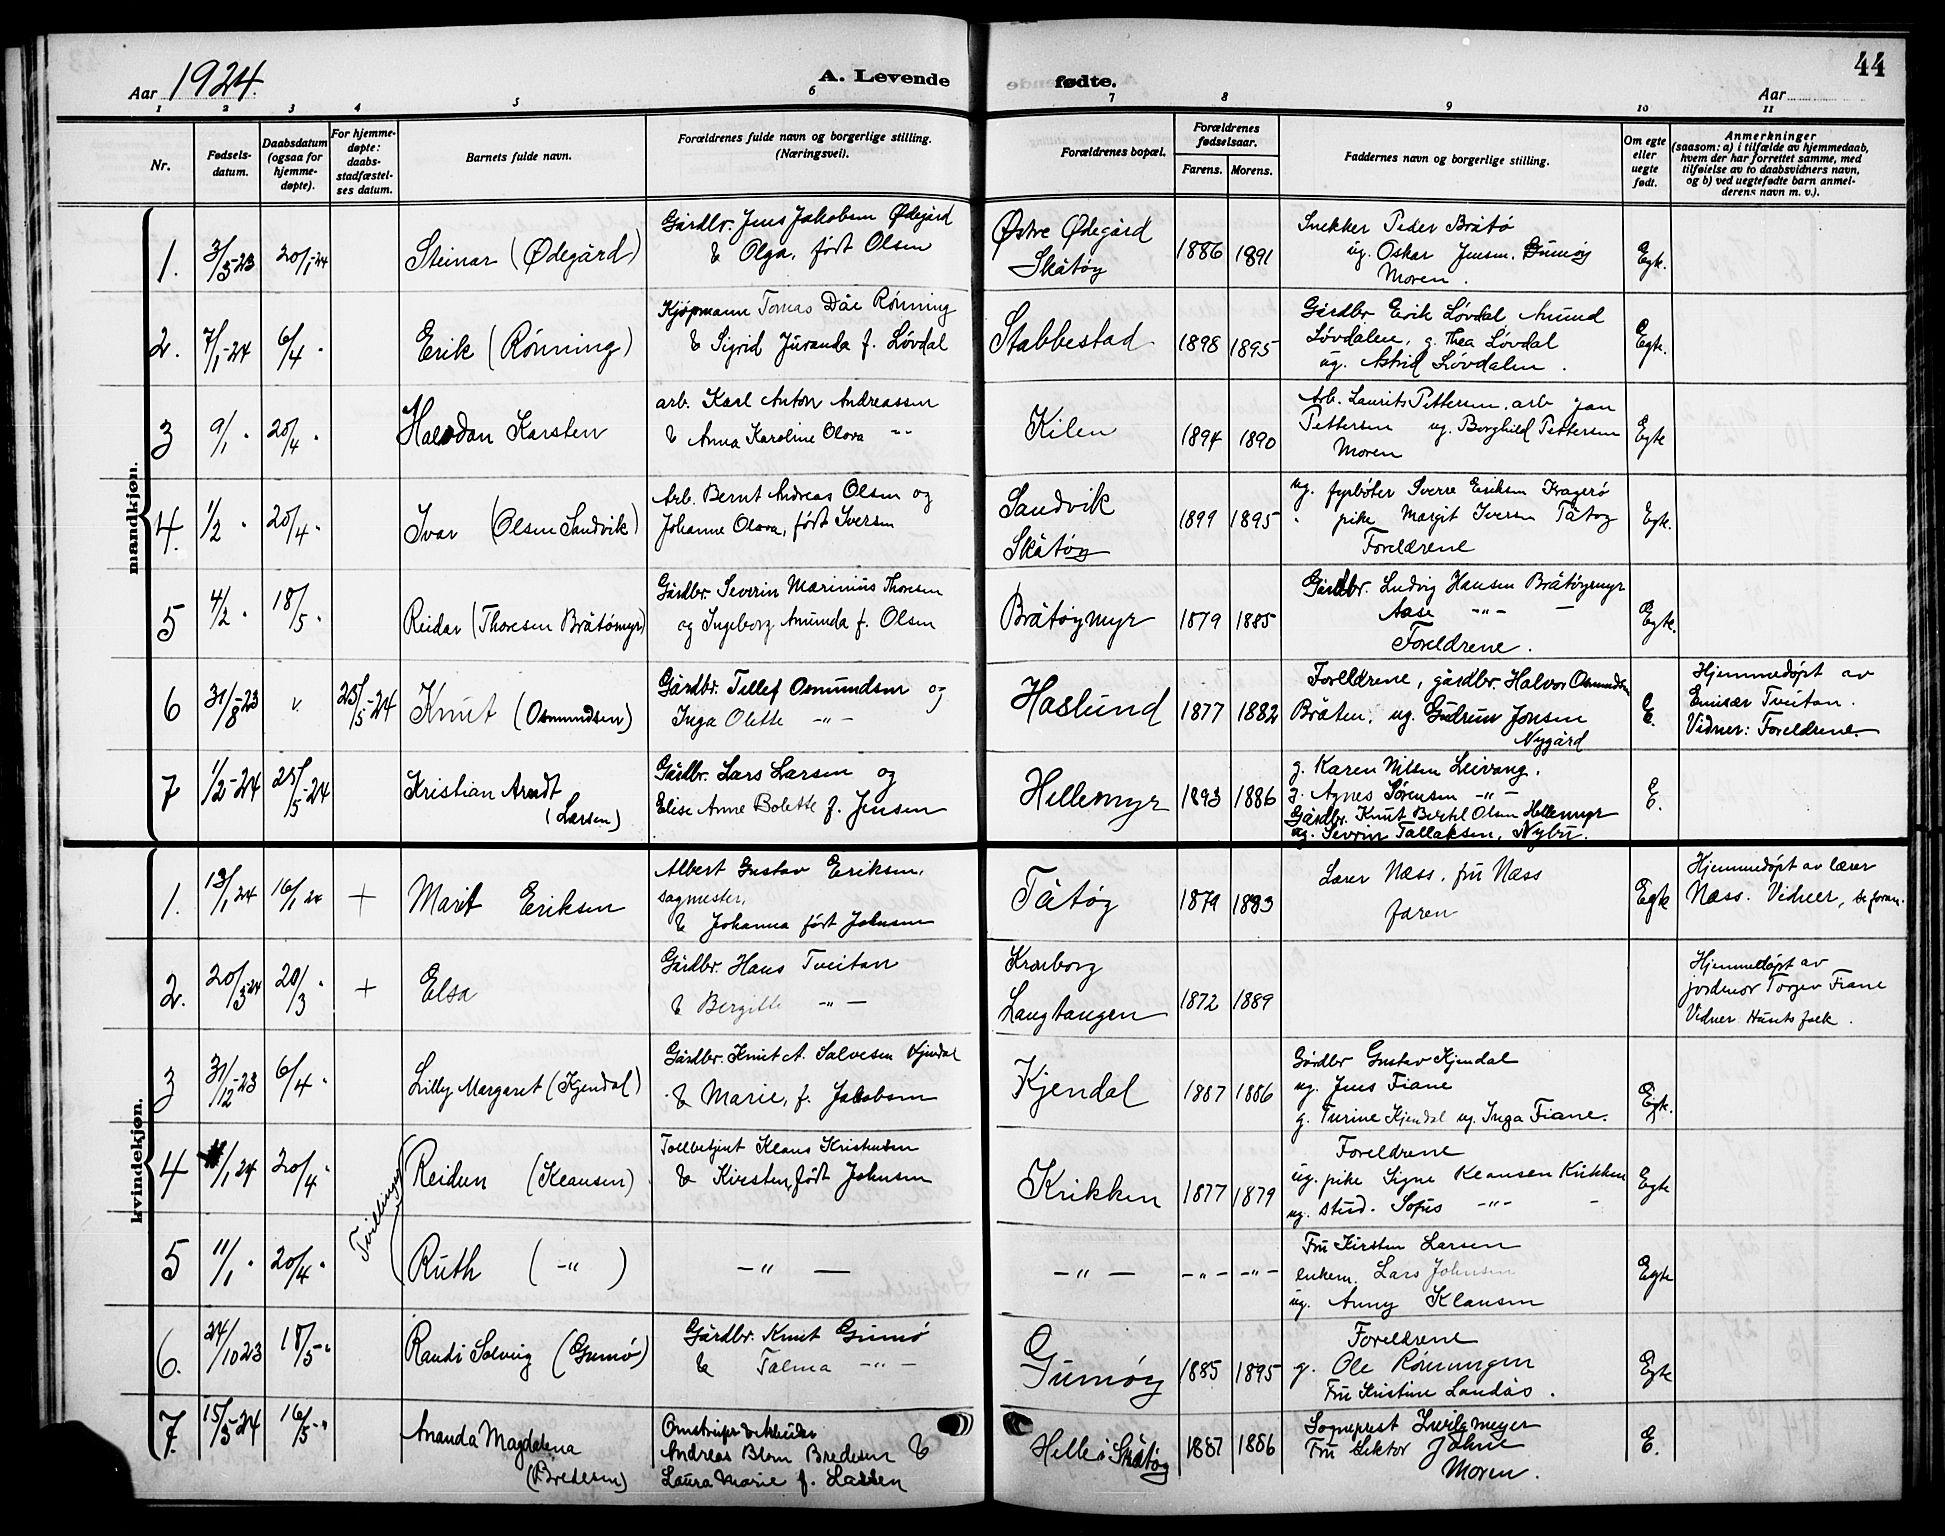 SAKO, Skåtøy kirkebøker, G/Ga/L0005: Klokkerbok nr. I 5, 1915-1925, s. 44